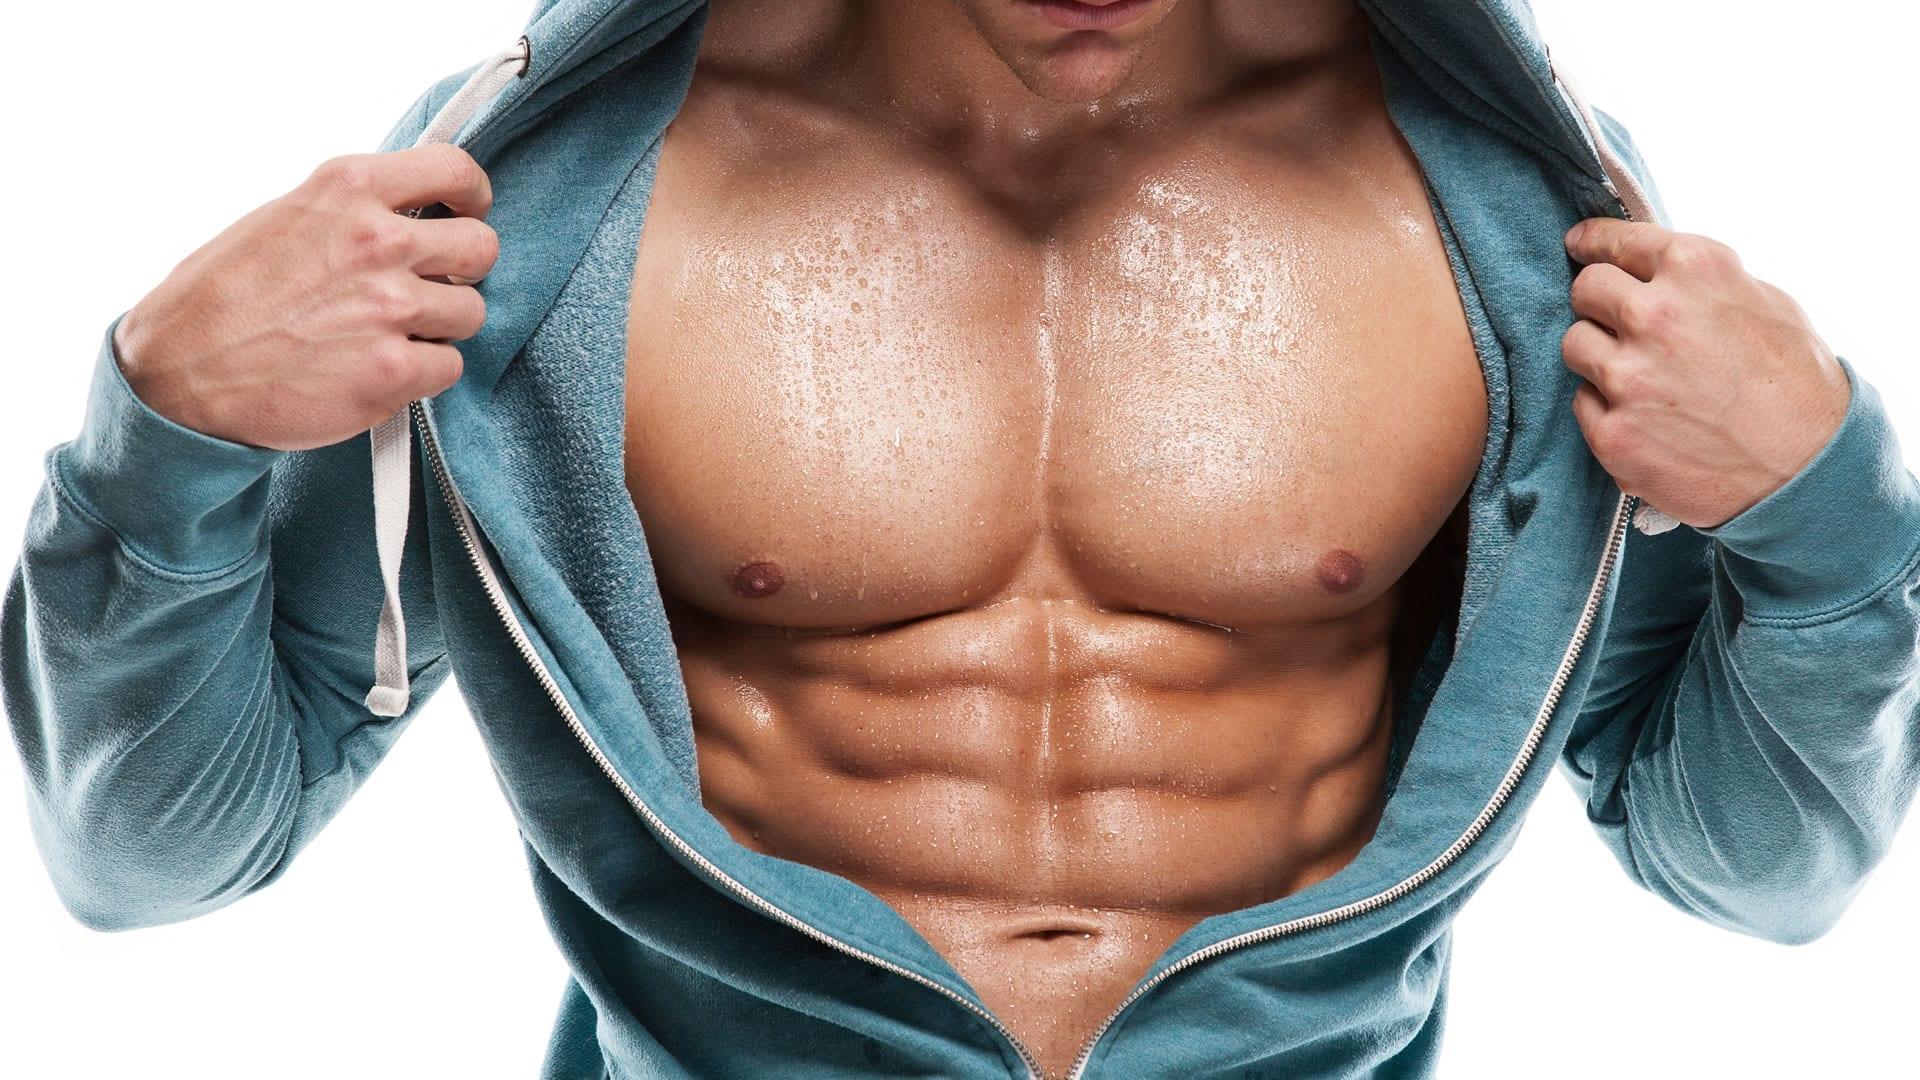 Anatomía de los abdominales | Cambiatufisico